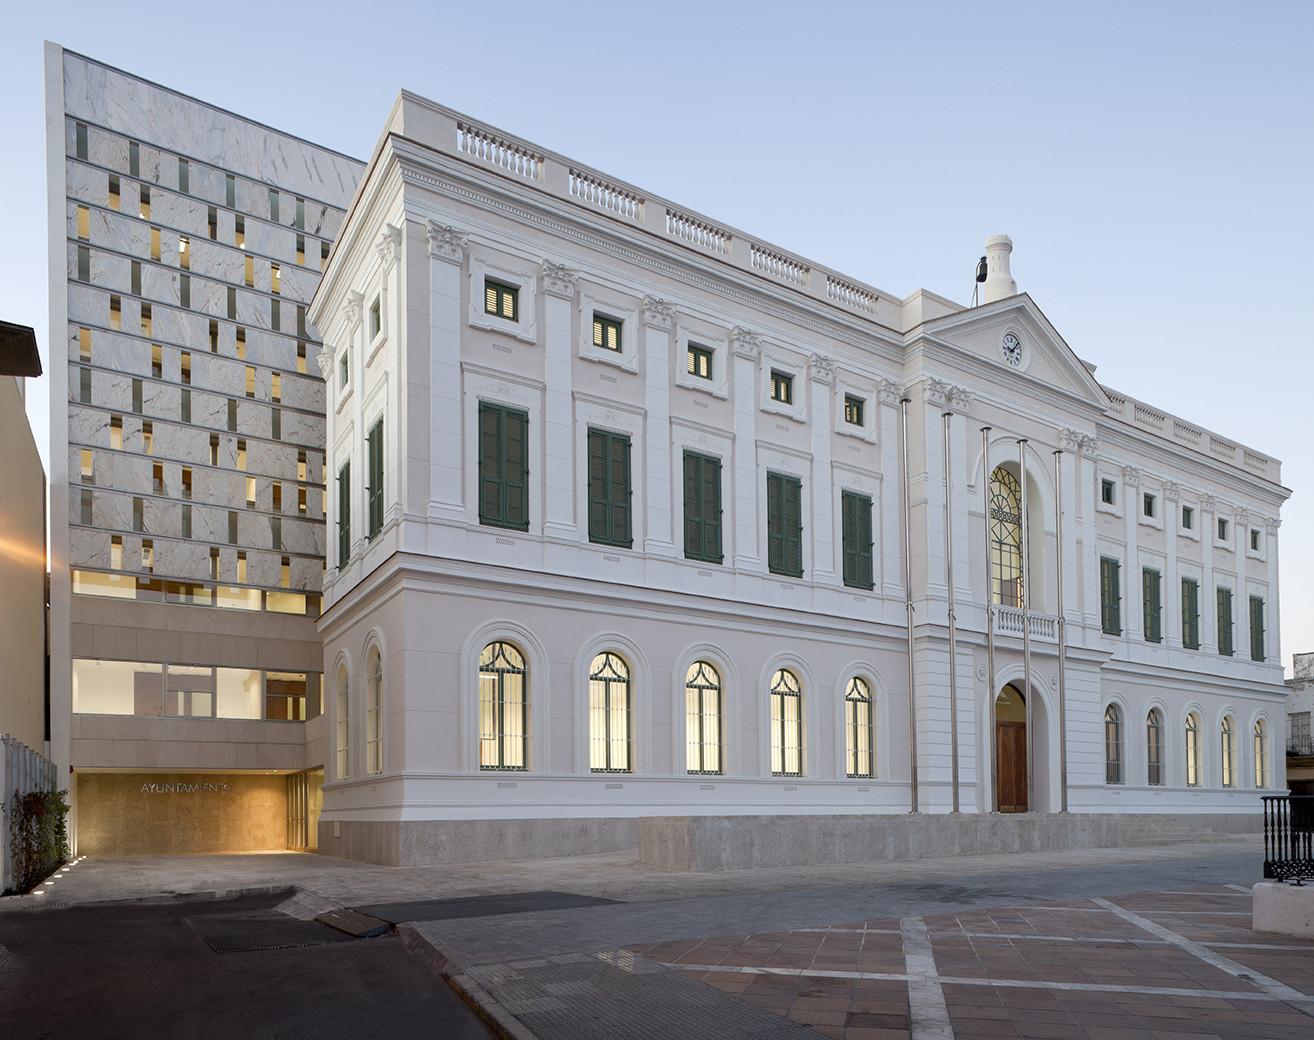 Puerto de Santamaría City Hall Extension / Daroca Arquitectos, © Jose Morón